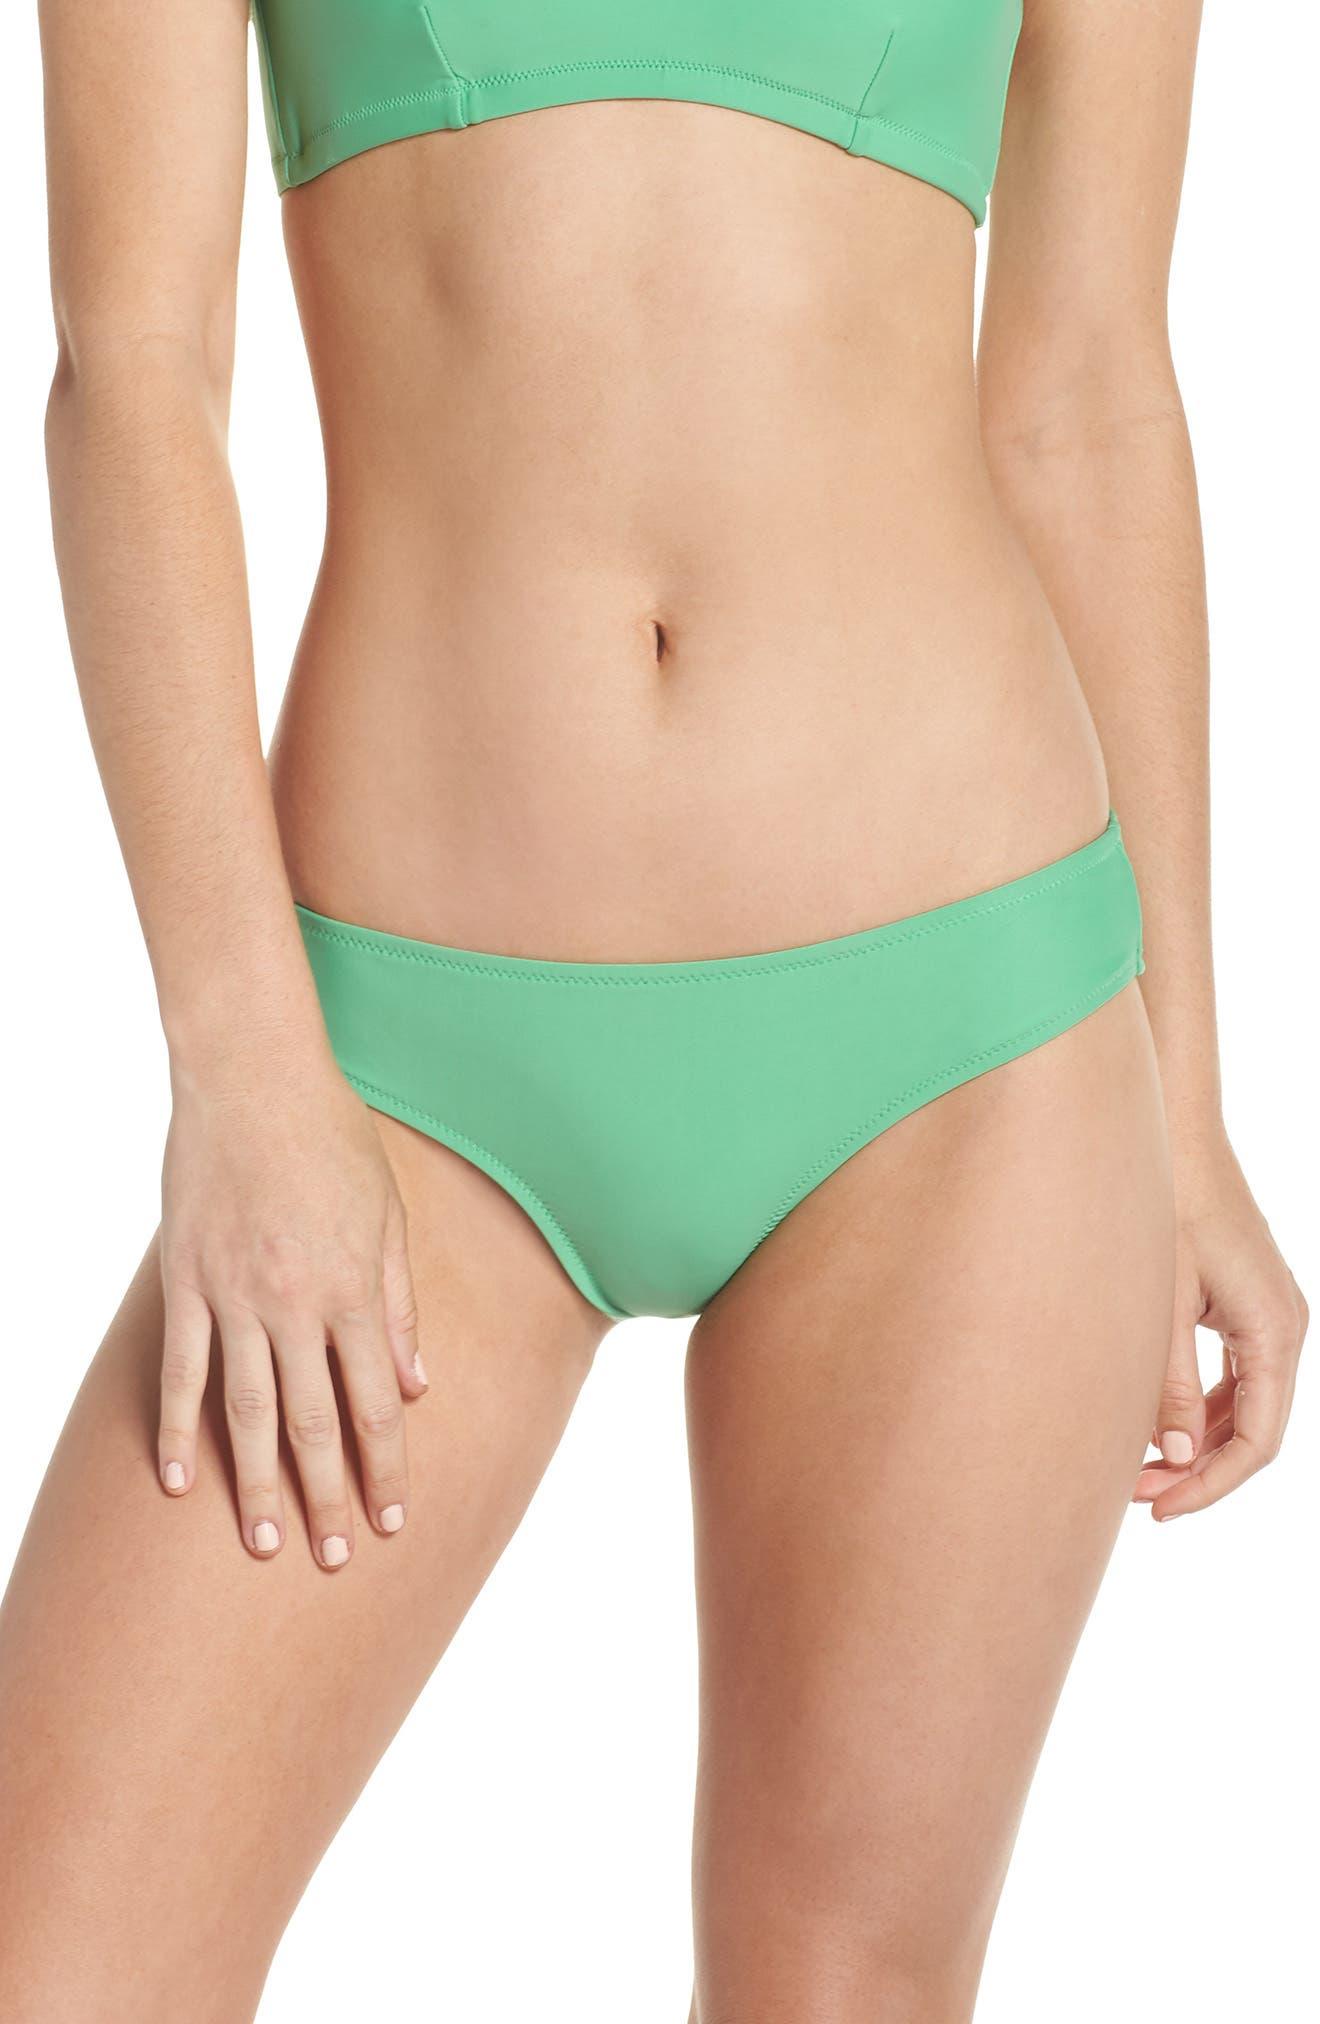 J.Crew Hipster Bikini Bottoms,                             Main thumbnail 1, color,                             Bright Spearmint